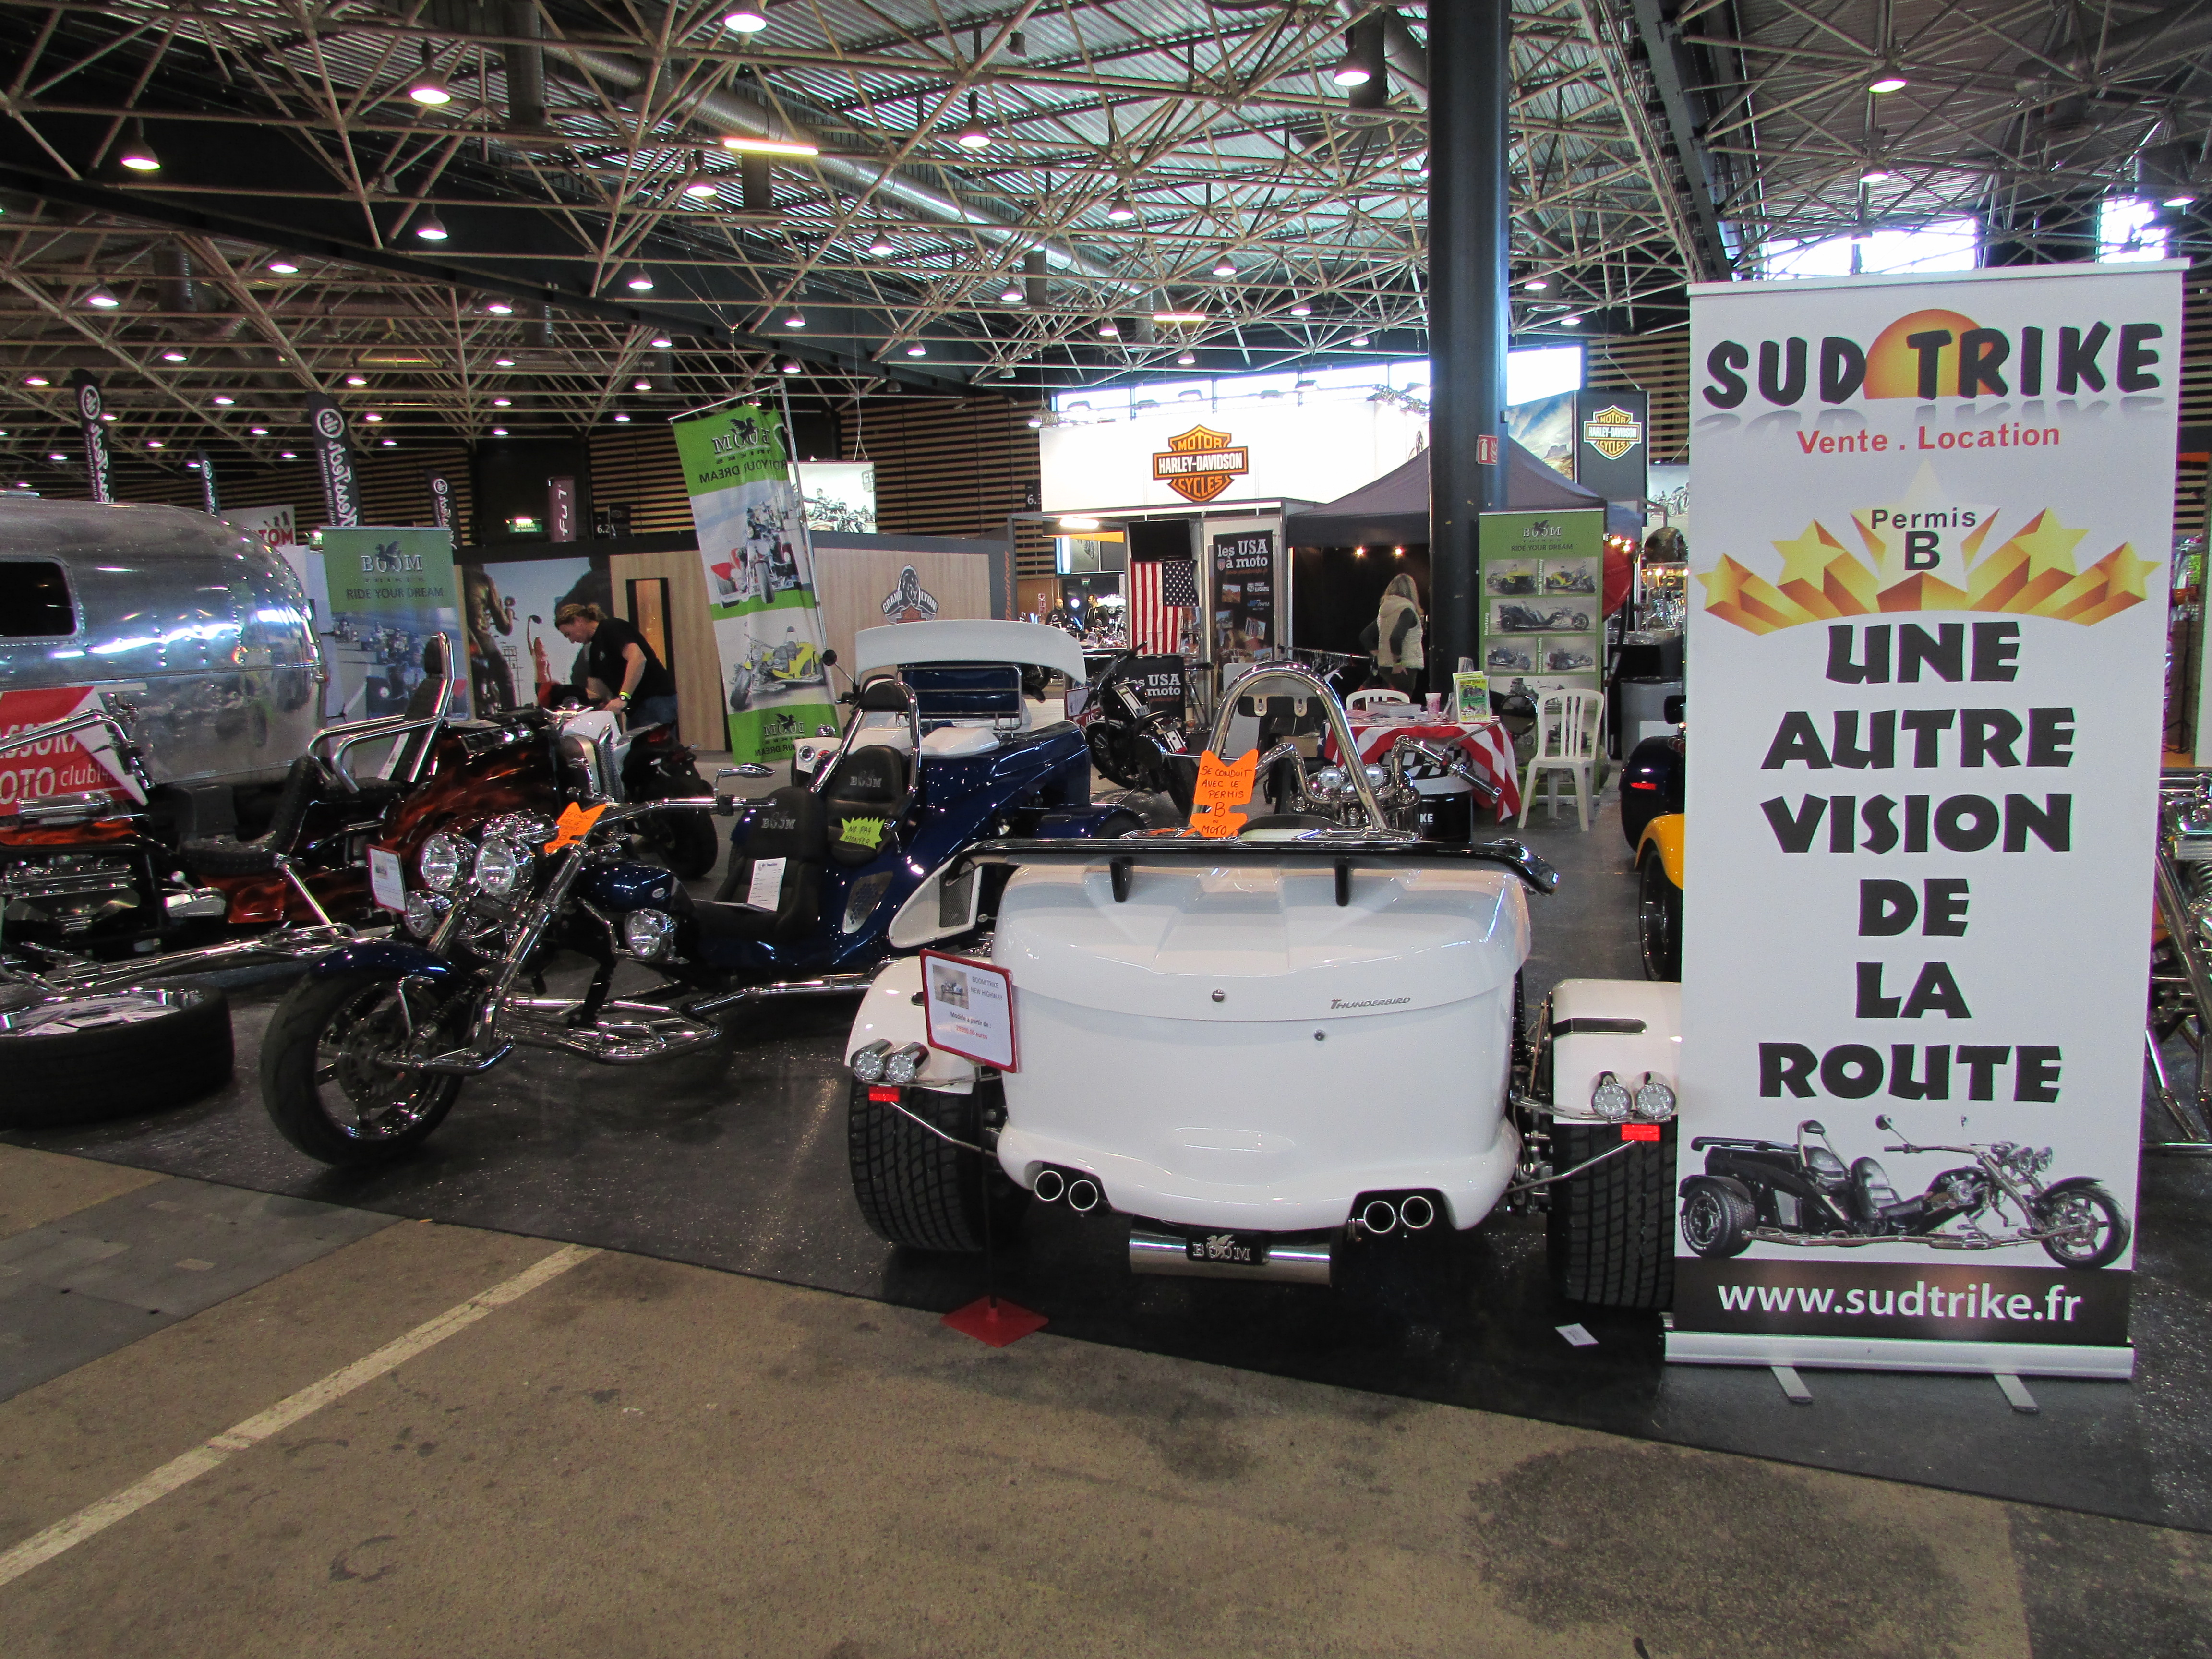 Salon de la moto de lyon 2016 sud trike for Salon de la moto lyon